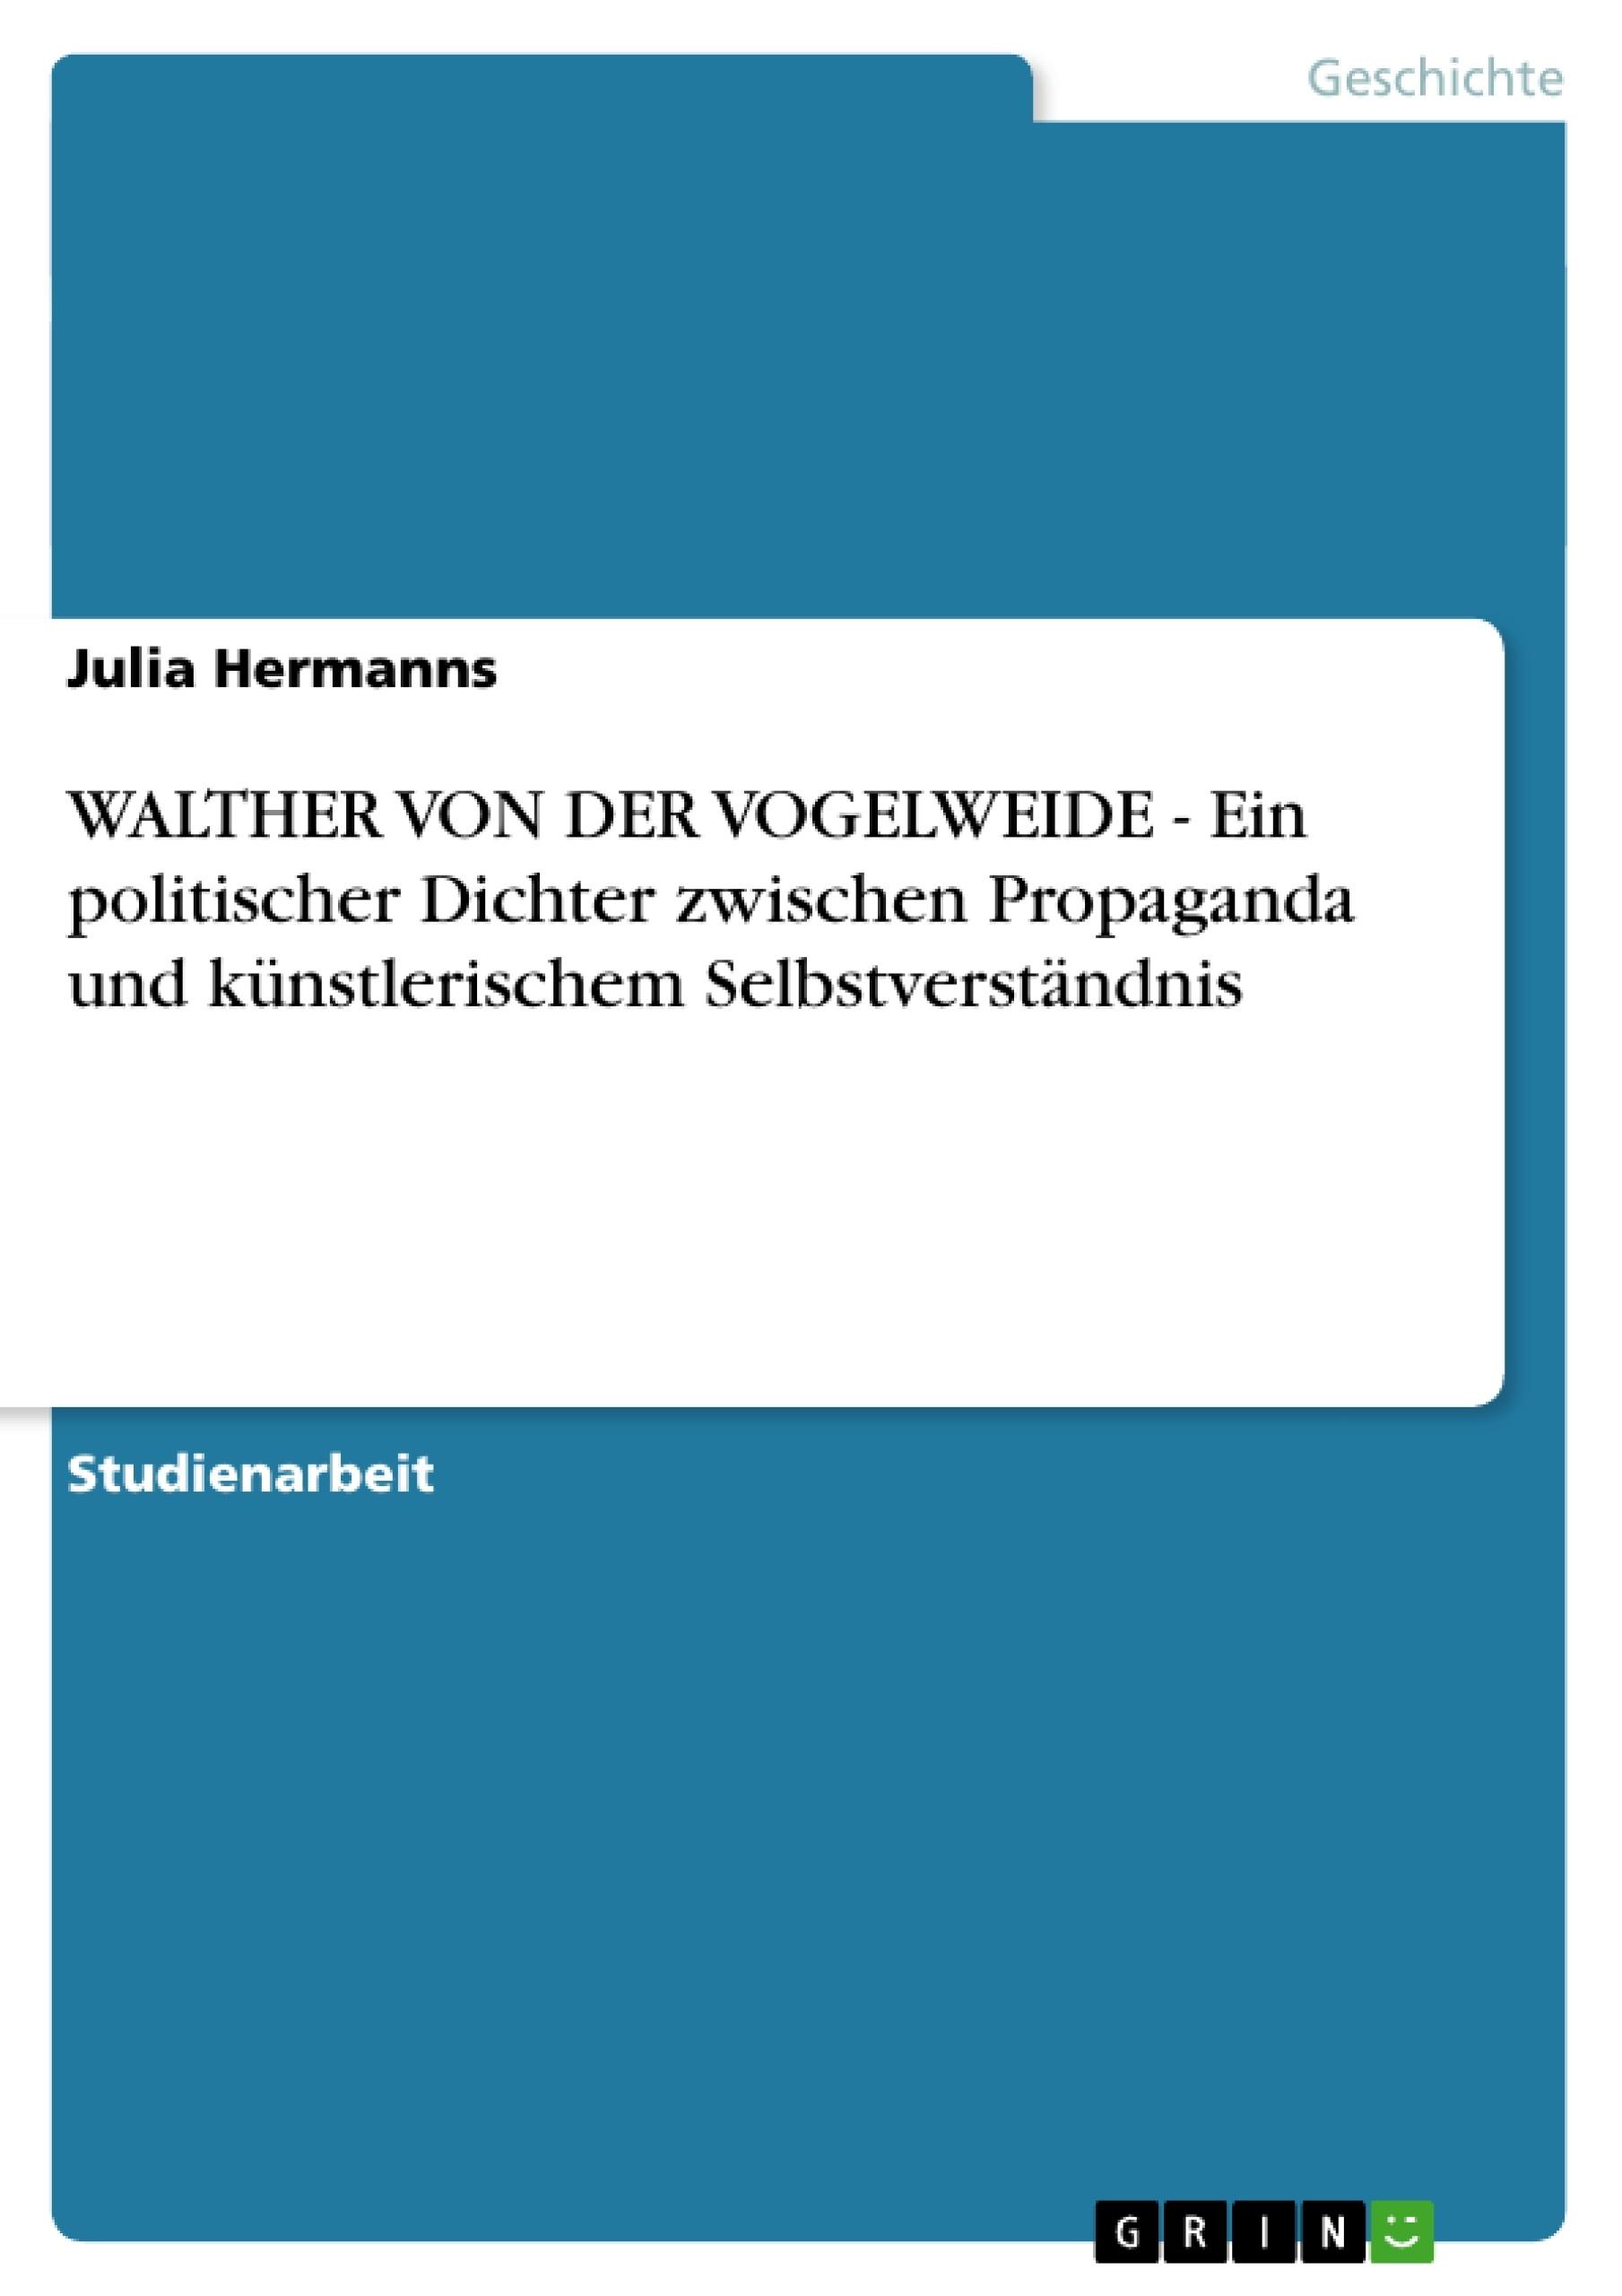 Titel: WALTHER VON DER VOGELWEIDE - Ein politischer Dichter zwischen Propaganda und künstlerischem Selbstverständnis